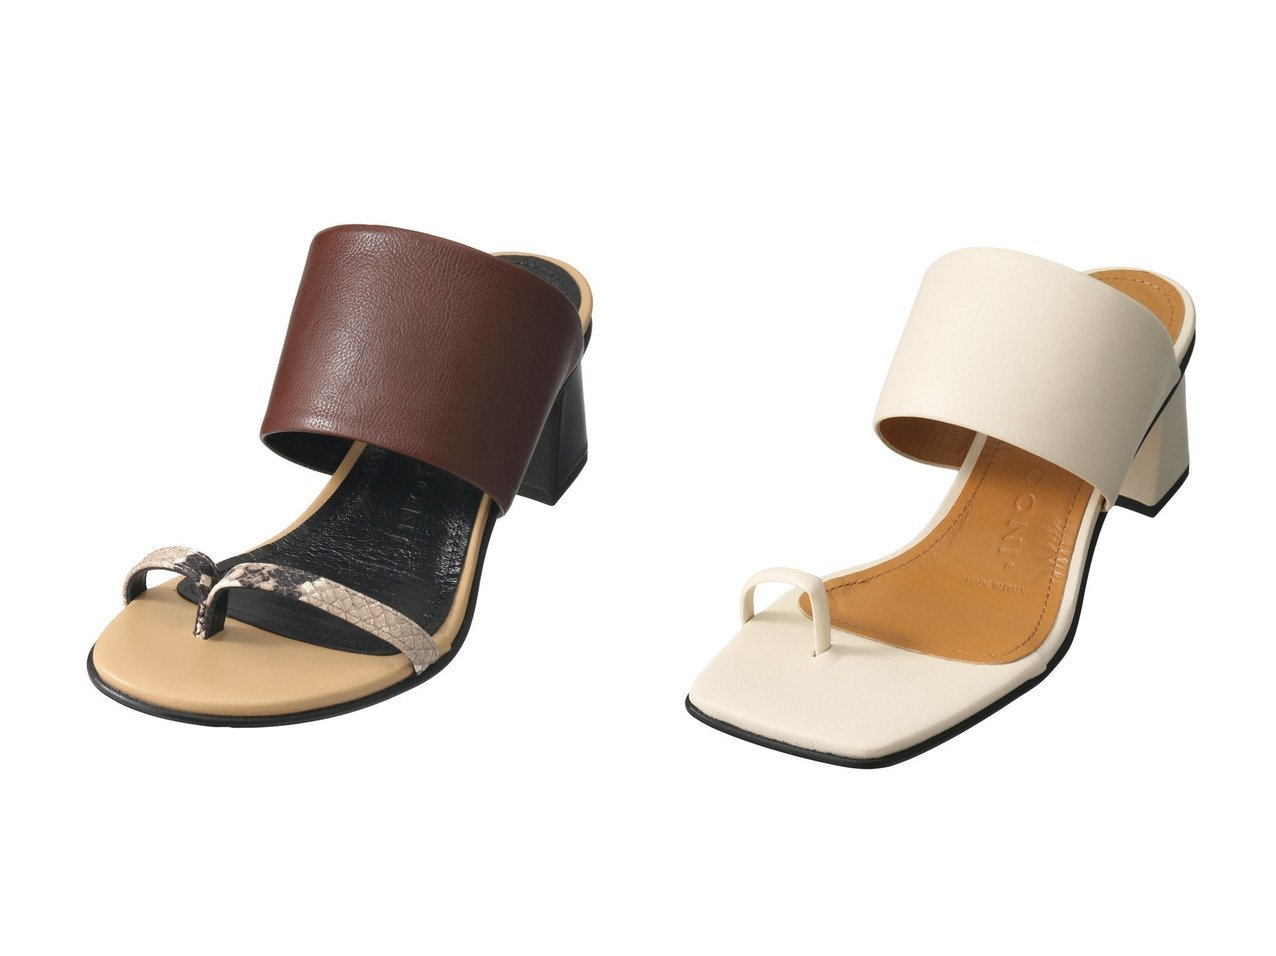 【MAISON SPECIAL/メゾンスペシャル】の【FABIO RUSCONI】VIRGI1276サンダル&【FABIO RUSCONI】LELLA1116サンダル シューズ・靴のおすすめ!人気、トレンド・レディースファッションの通販 おすすめで人気の流行・トレンド、ファッションの通販商品 メンズファッション・キッズファッション・インテリア・家具・レディースファッション・服の通販 founy(ファニー) https://founy.com/ ファッション Fashion レディースファッション WOMEN 2021年 2021 2021 春夏 S/S SS Spring/Summer 2021 S/S 春夏 SS Spring/Summer サンダル 春 Spring |ID:crp329100000024755